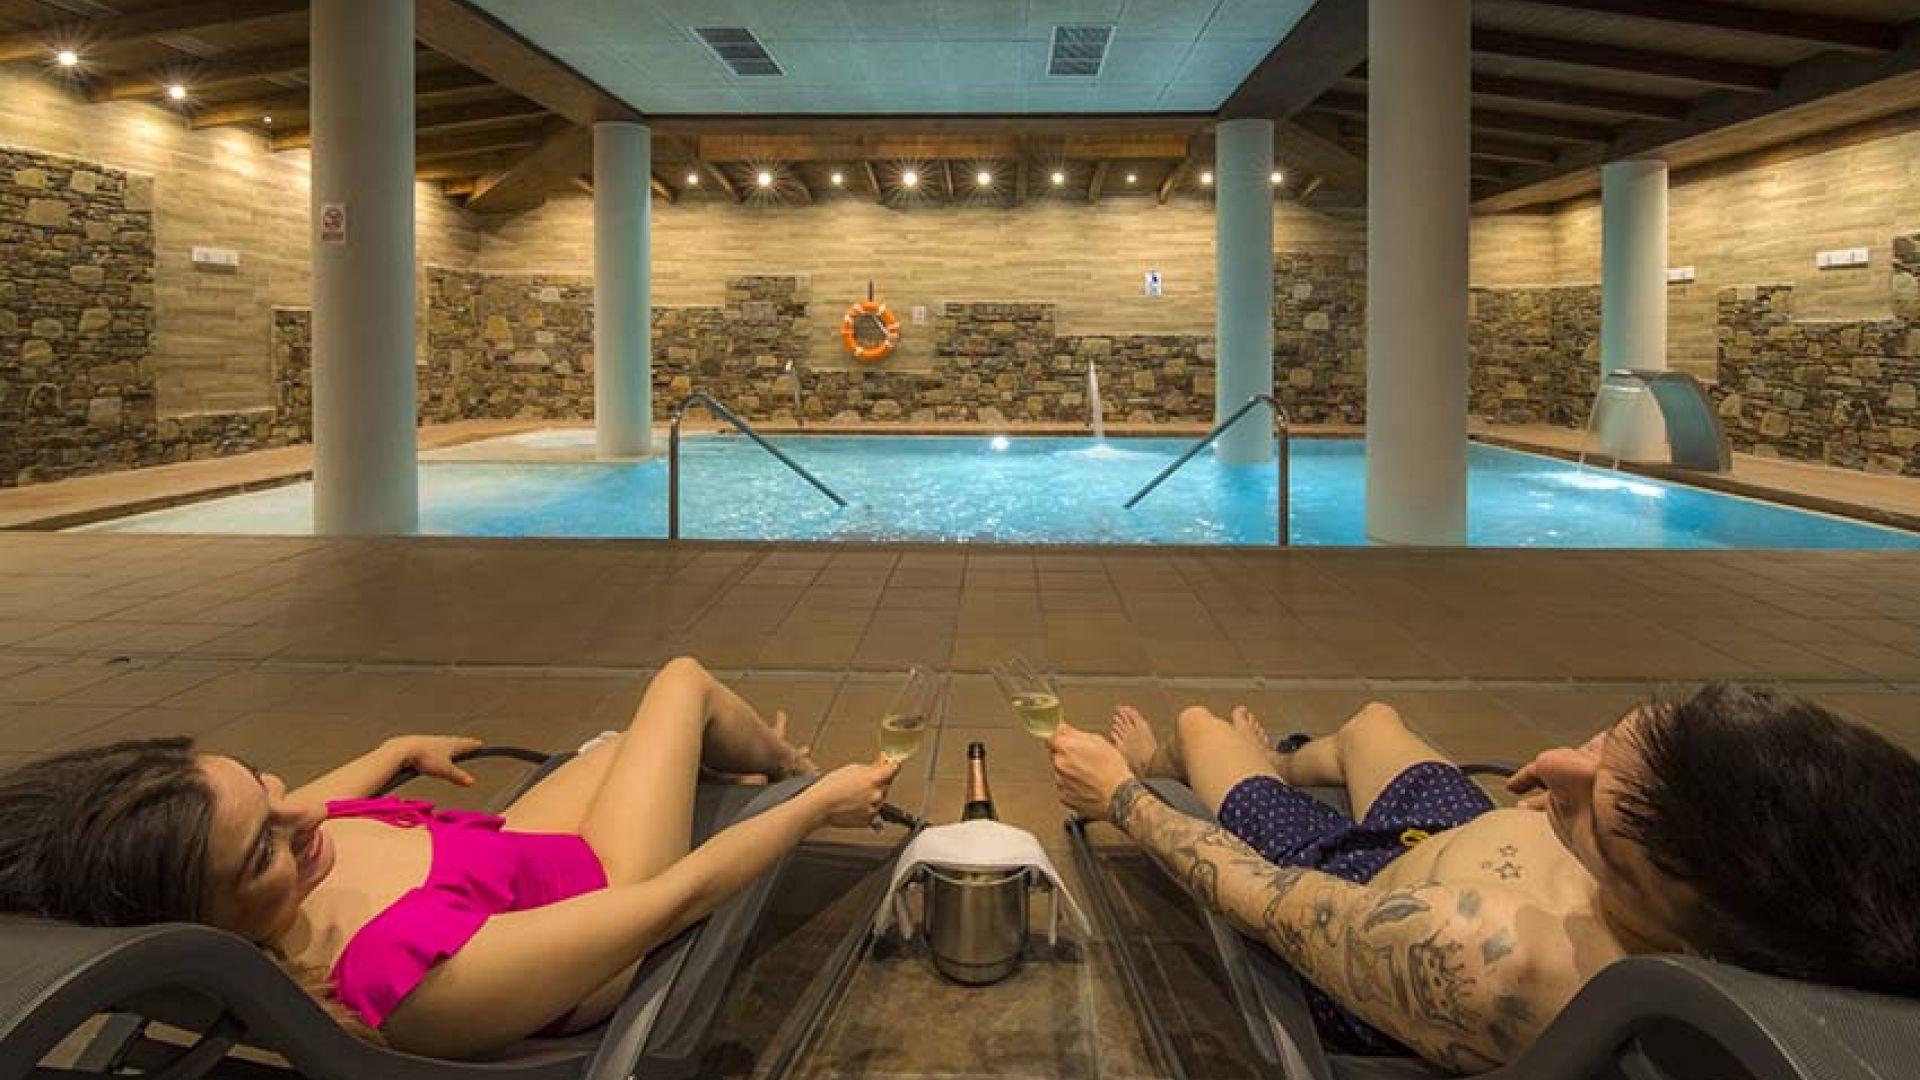 Relaxa't al SPA del Hotel Roc Meler a Canillo un món de sensacions: descans i benestar en un sol lloc.Disposem de serveis i instal·lacions creades per aconseguir el benestar general de les persones